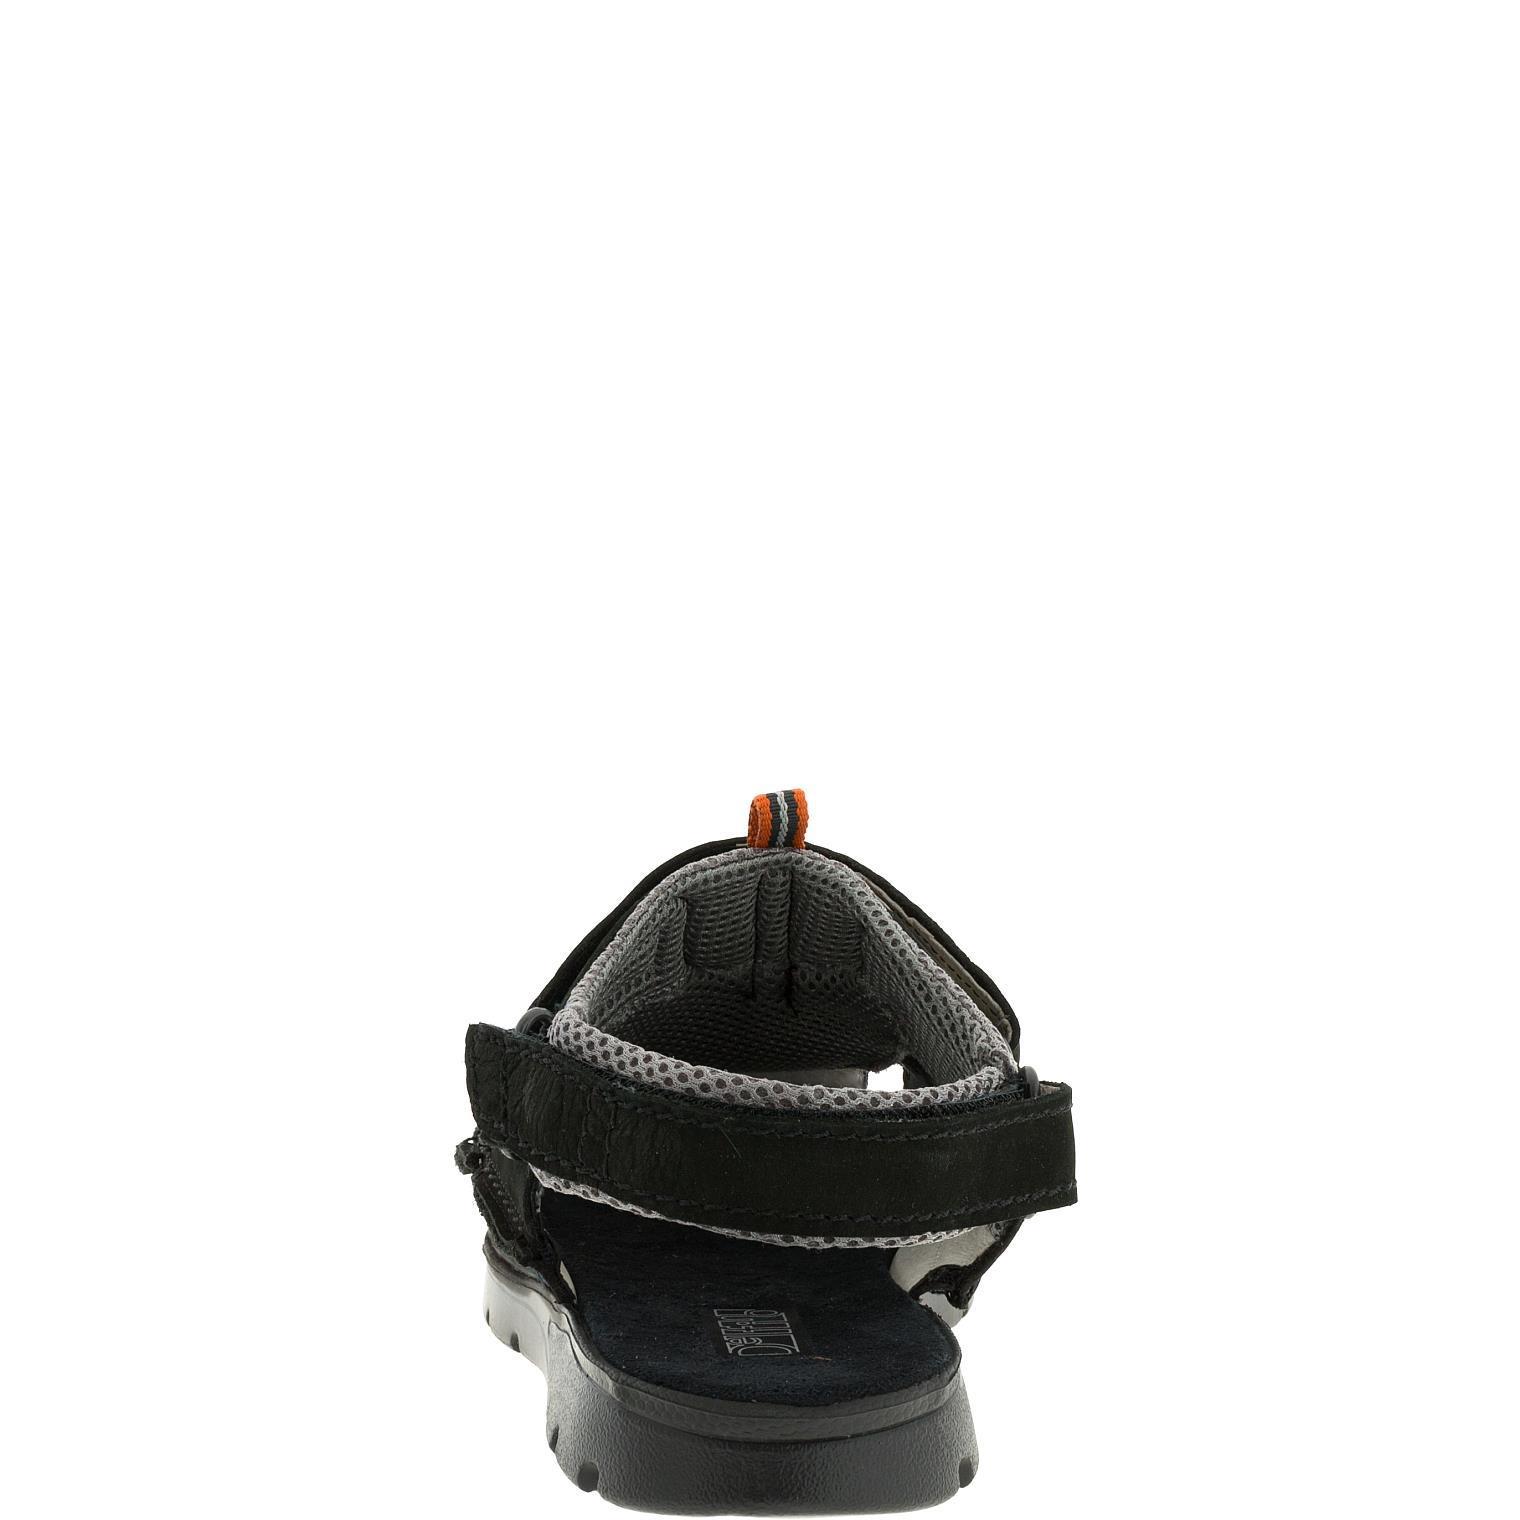 585285 сандалии мужские черные больших размеров марки Делфино